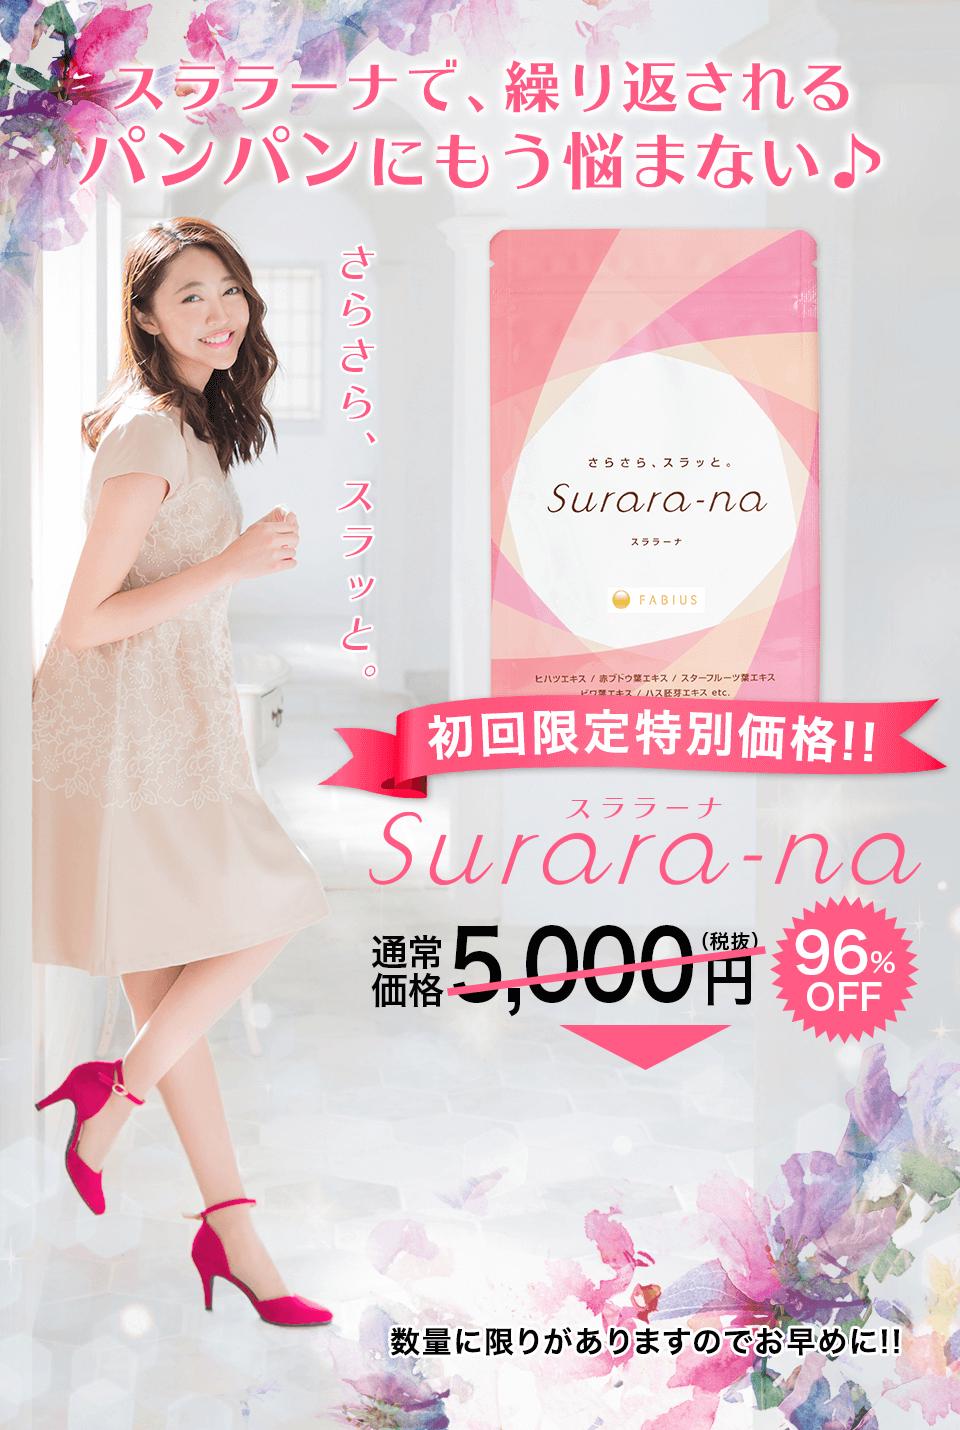 スララーナで繰り返されるパンパンにもう悩まない♪ 初回限定特別価格 980円